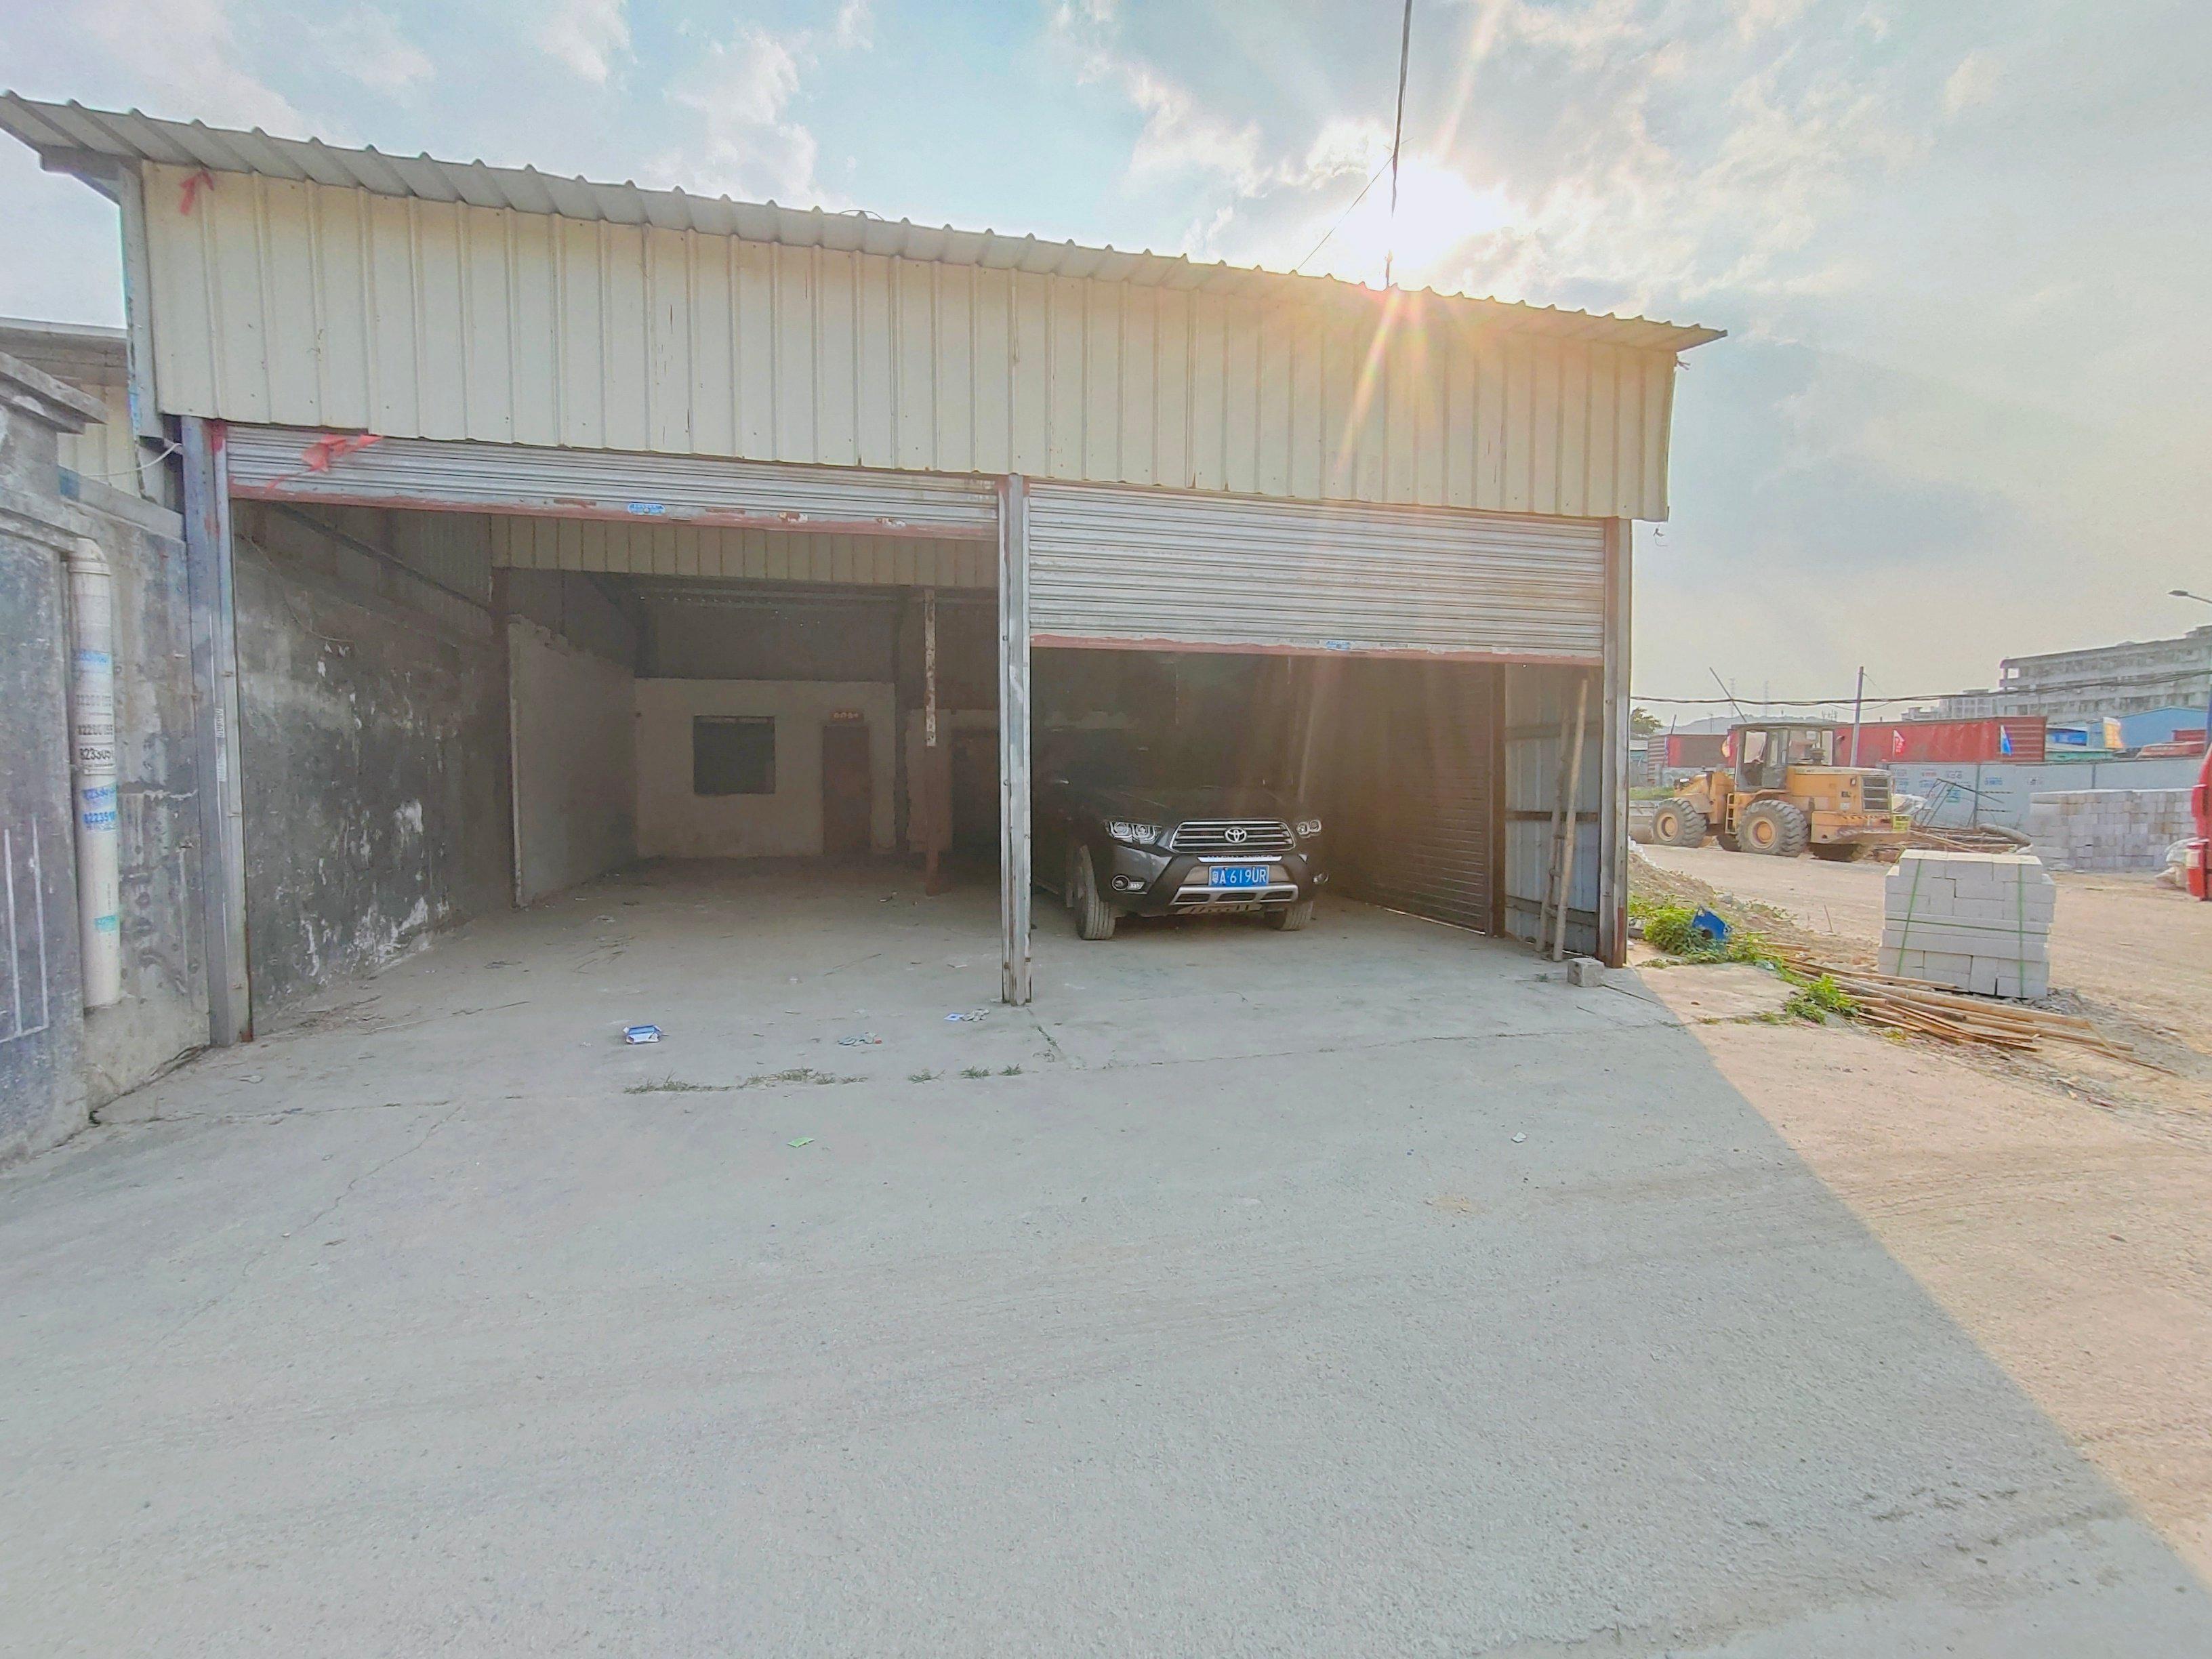 黄埔南岗玩具城附近新出小面积单一层厂房仓库110平方出租。